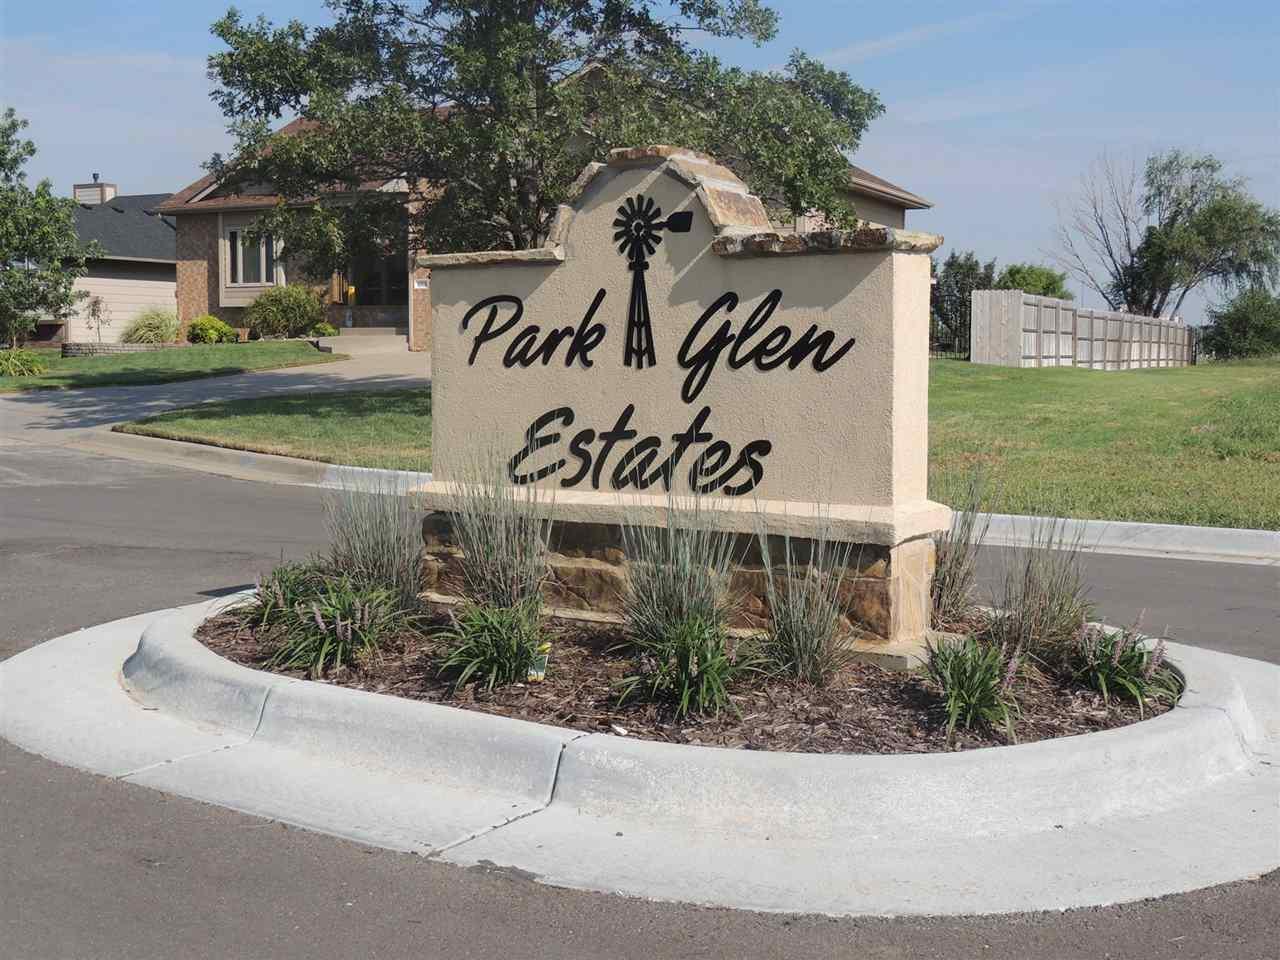 1109 E PARK GLEN ST, Clearwater, KS 67026